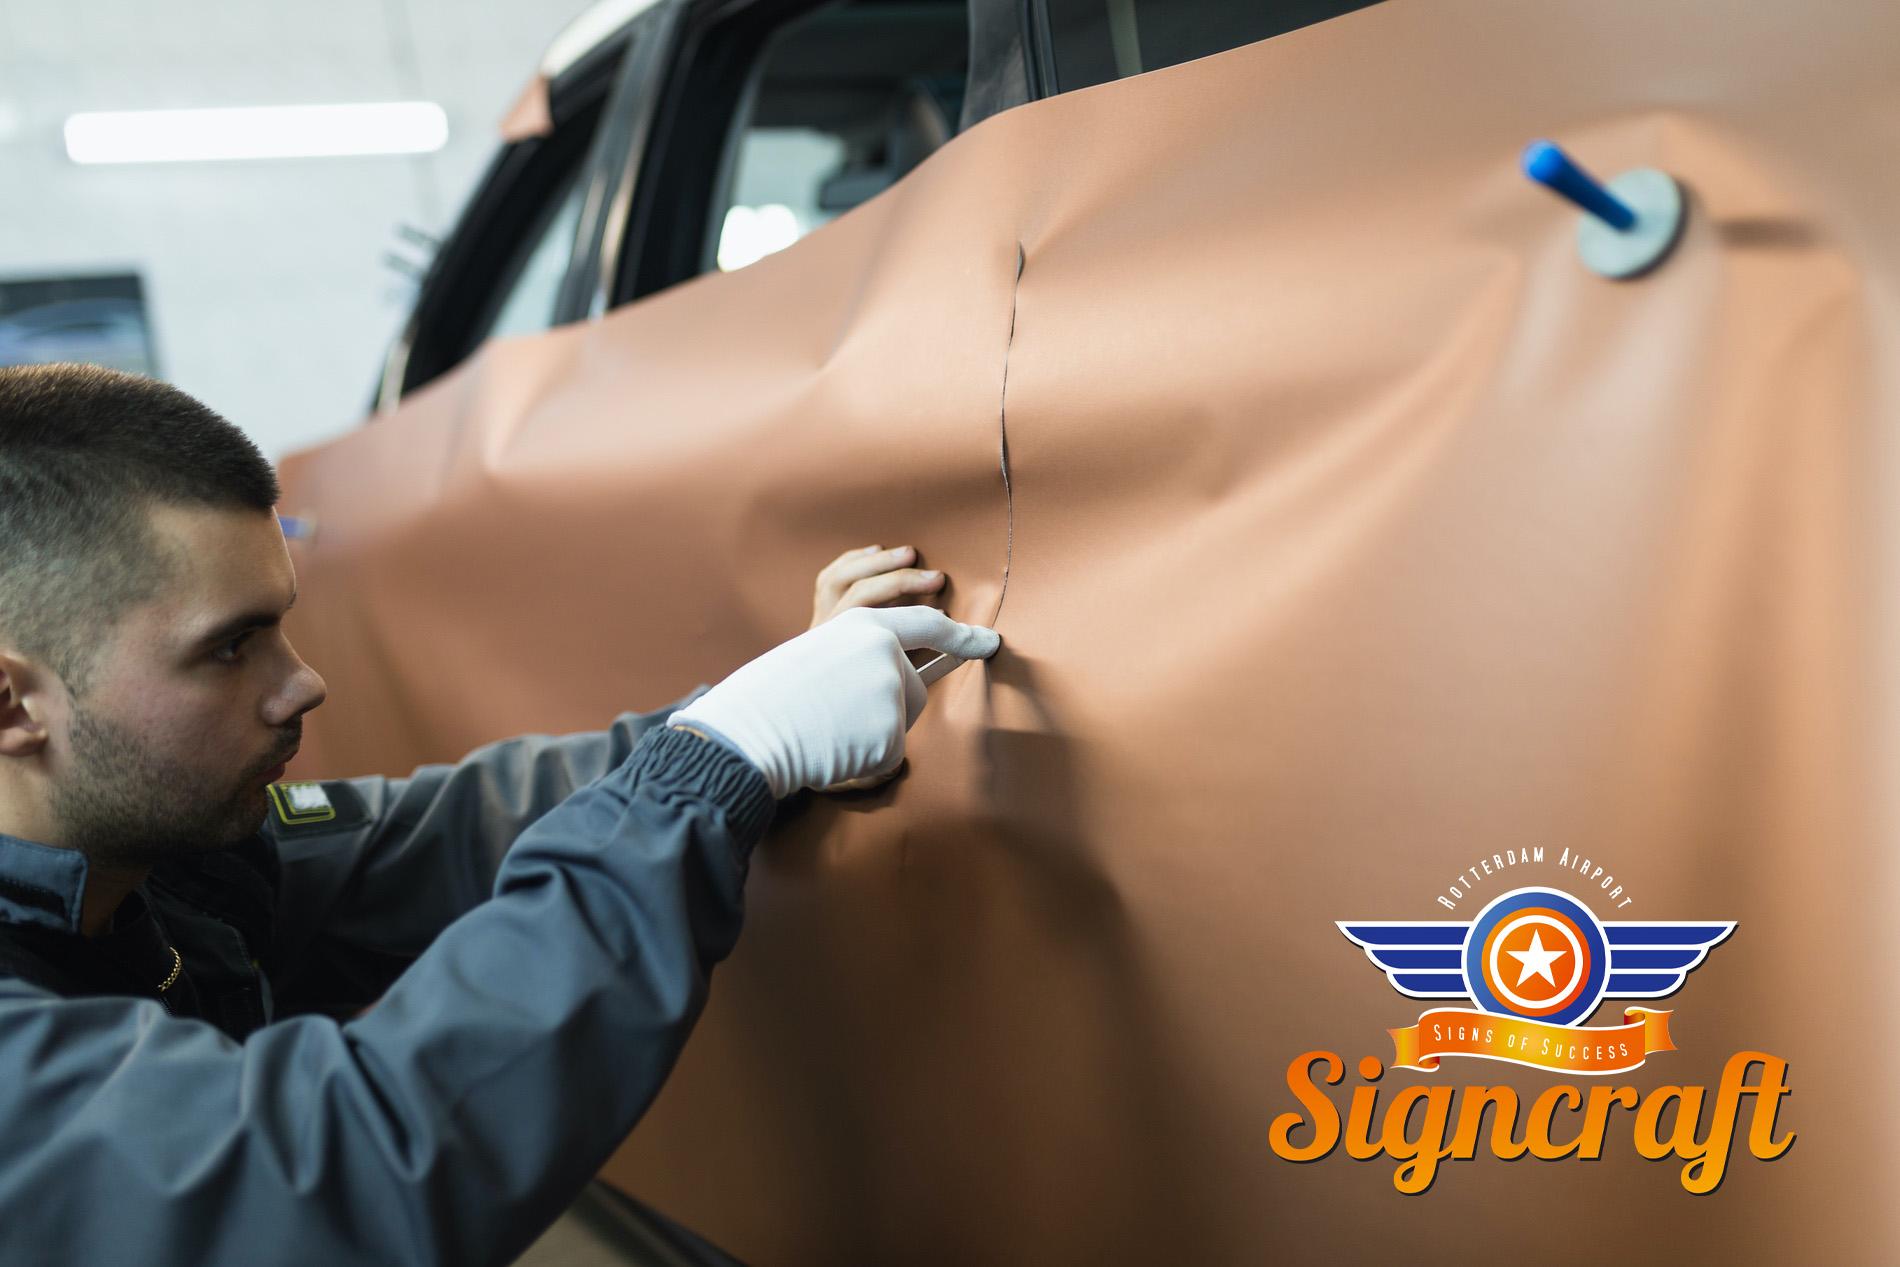 signcraft-rotterdam-vacature-signmaker-beletteraar-reclame-monteur-sign-carwrap-plakker